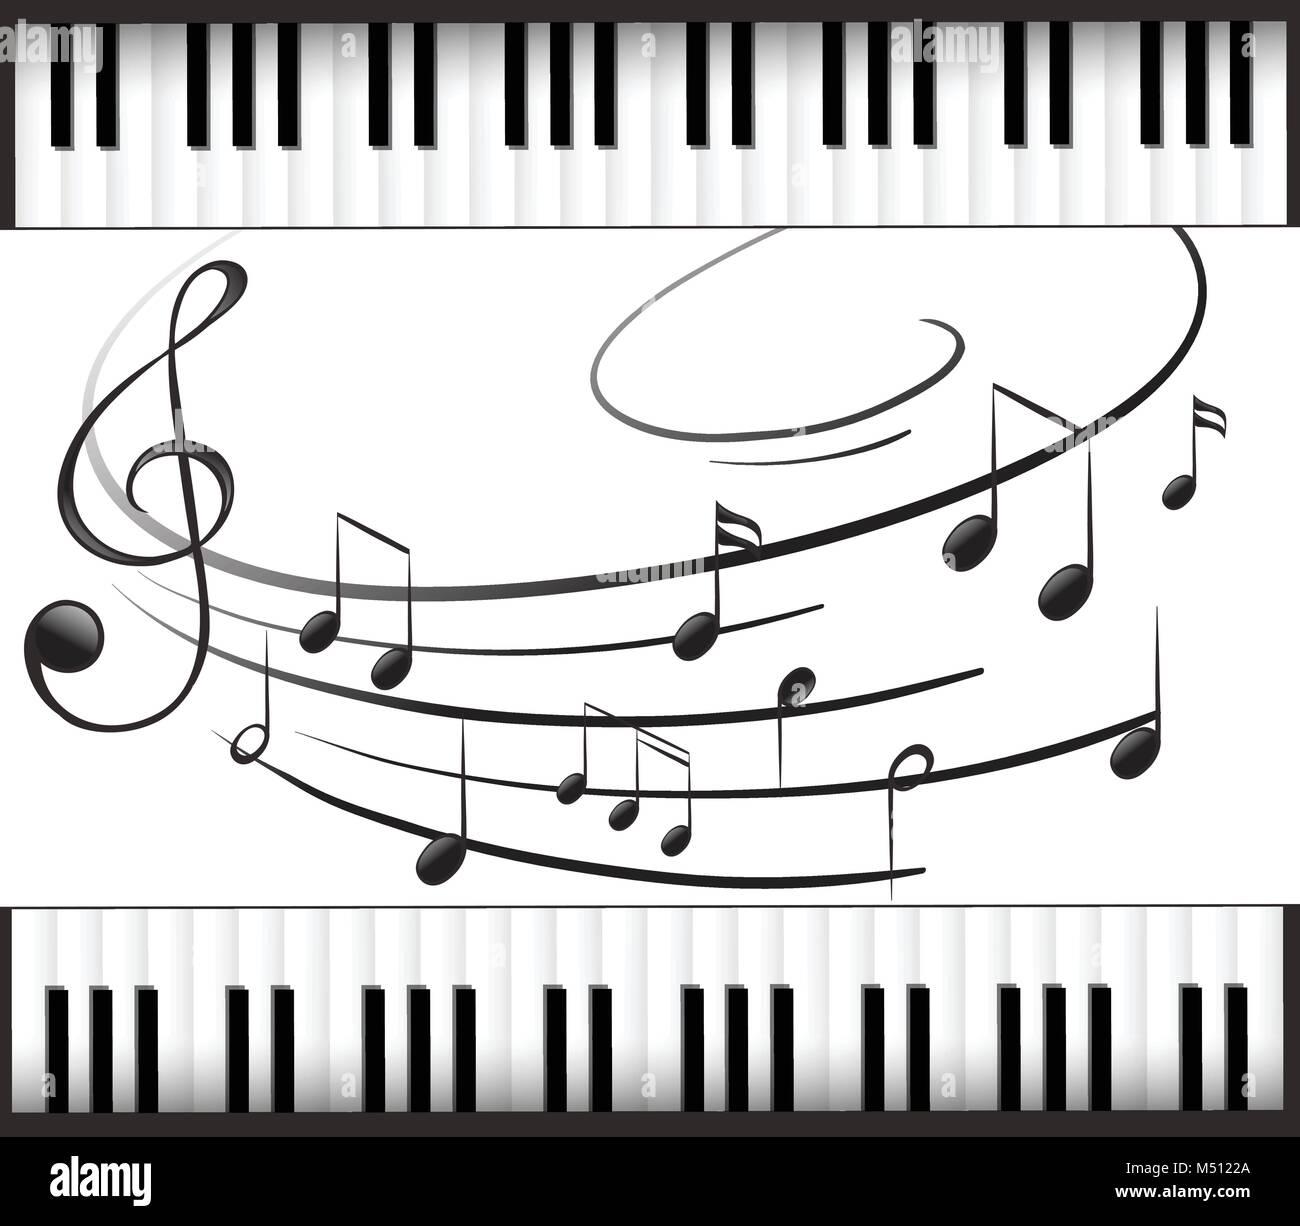 Plantilla de fondo con teclado de piano y notas musicales ...